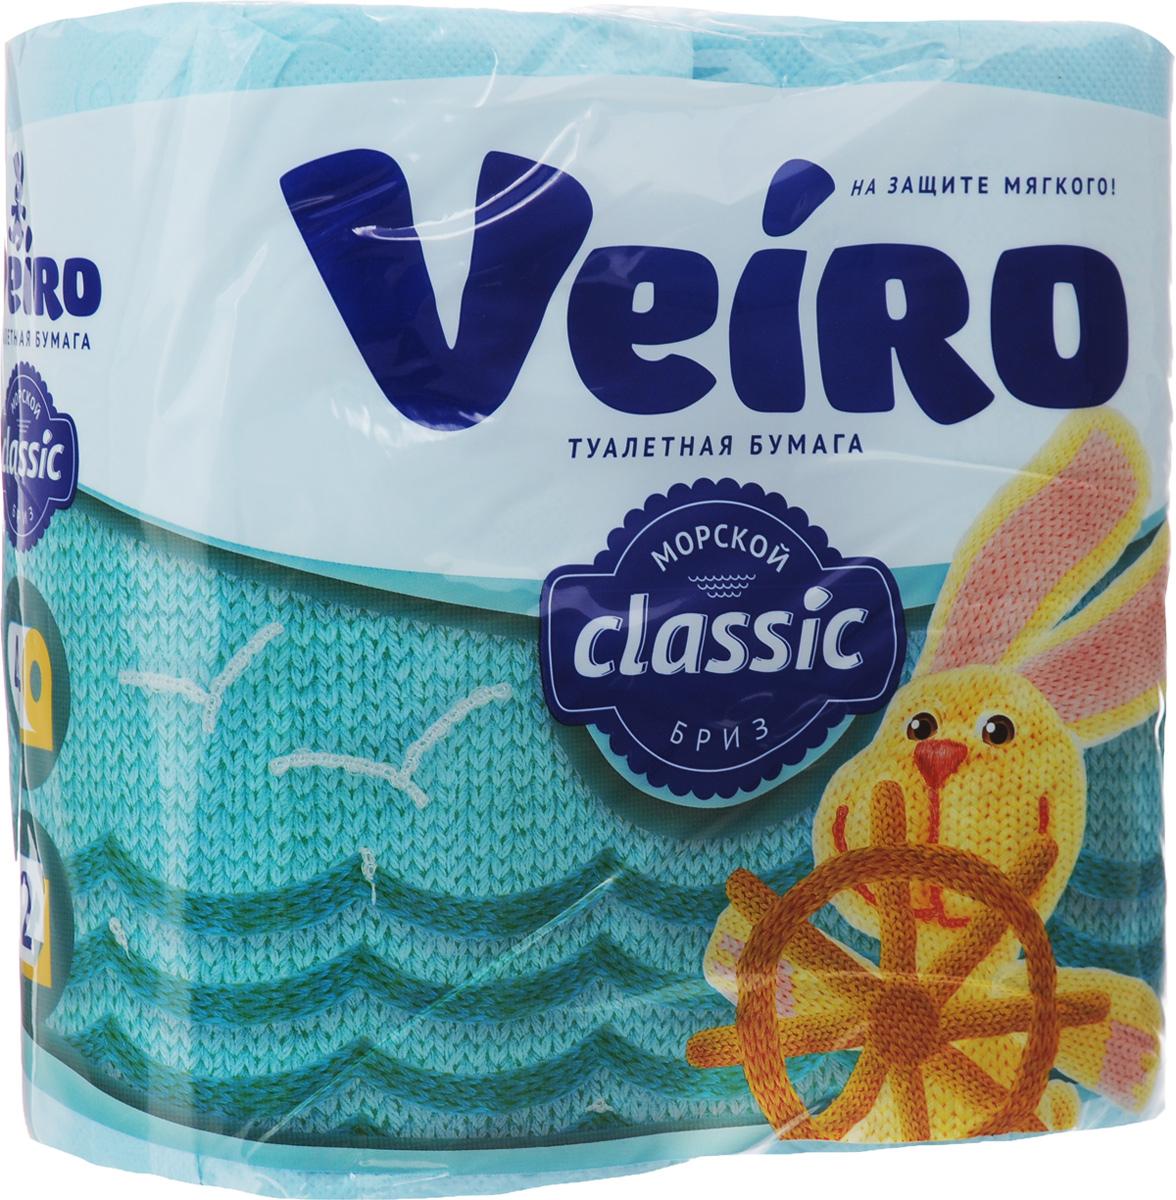 Бумага туалетная Veiro Classic. Морской бриз, ароматизированная, двухслойная, 4 рулона5C24гАроматизированная туалетная бумага Veiro Classic. Морской бриз, выполненная из натуральной целлюлозы и обладает приятным ароматом свежести. Двухслойная туалетная бумага мягкая, нежная, но в тоже время прочная, с отрывом по линии перфорации. Листы имеют рисунок с тиснением. Длина рулона: 17,5 м. Количество слоев: 2. Размер листа: 12,5 х 9,5 см. Состав: 100% целлюлоза.